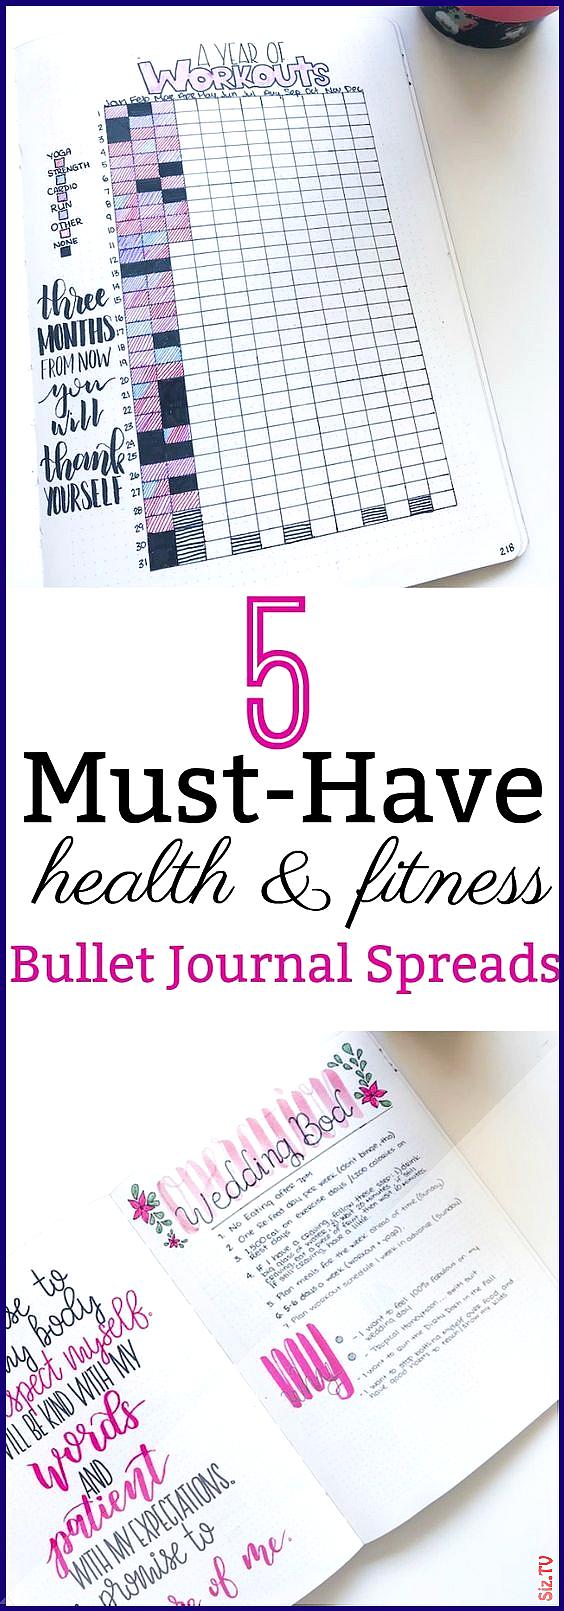 5 Aufz hlungszeichen f r Gesundheit und Fitness die Sie unbedingt ben tigen wenn Sie 5 Aufz hlungsze...